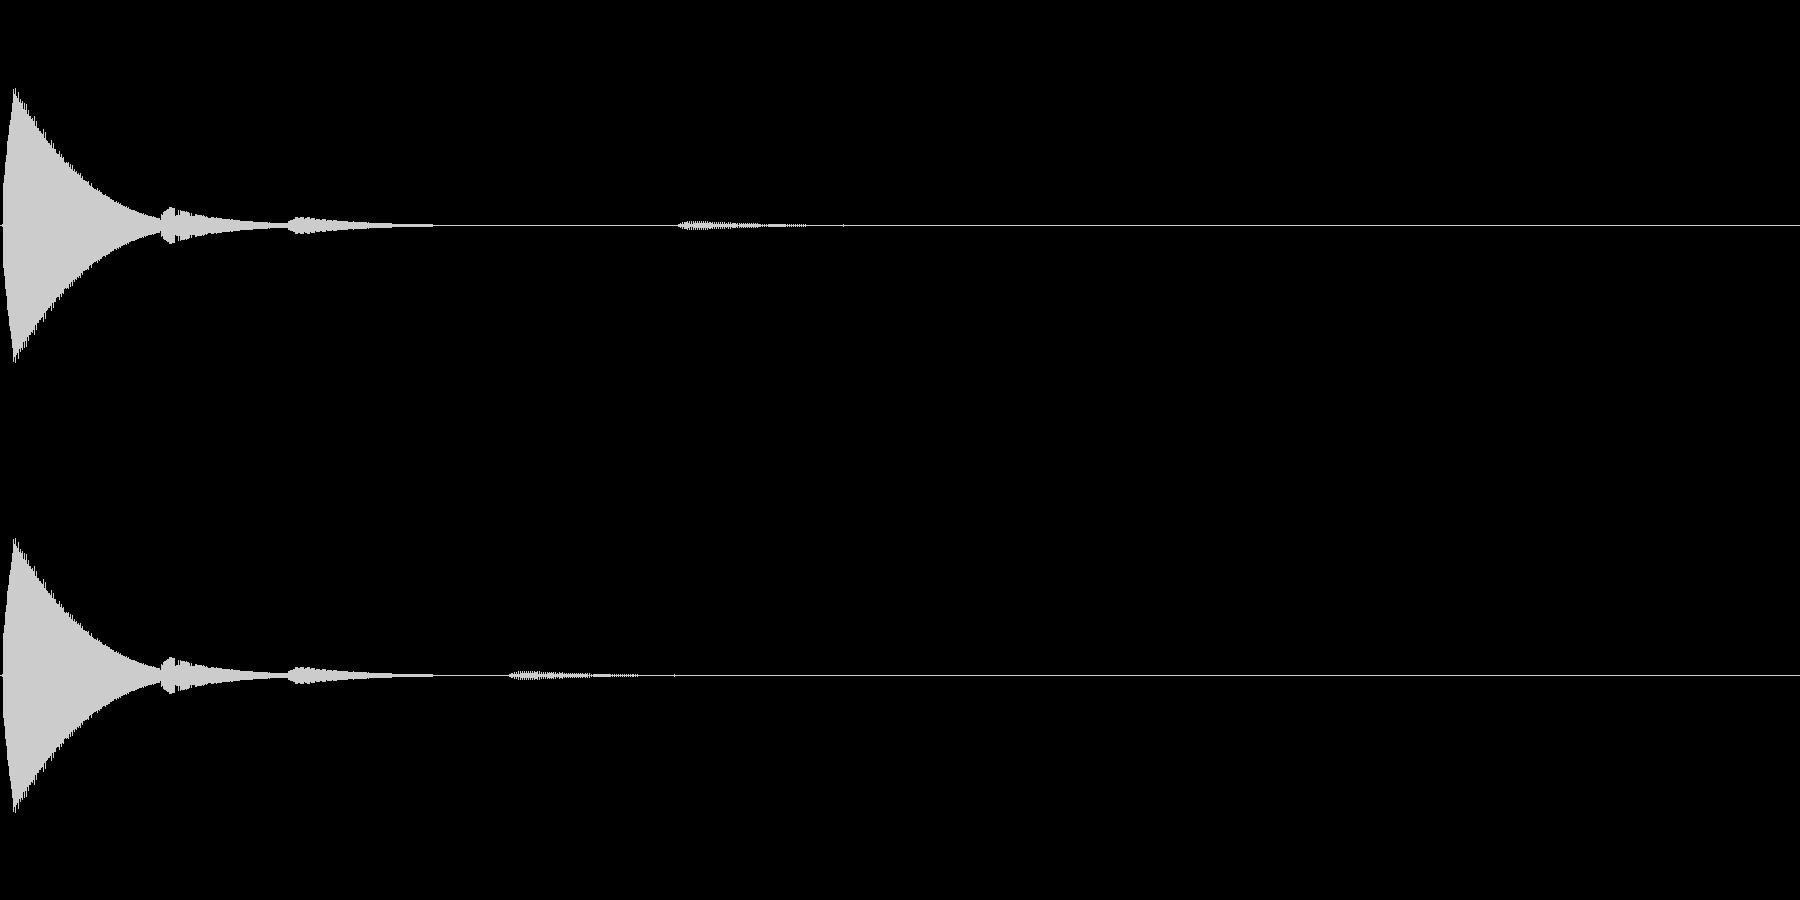 決定/クリック/選択音(ピコッ)の未再生の波形